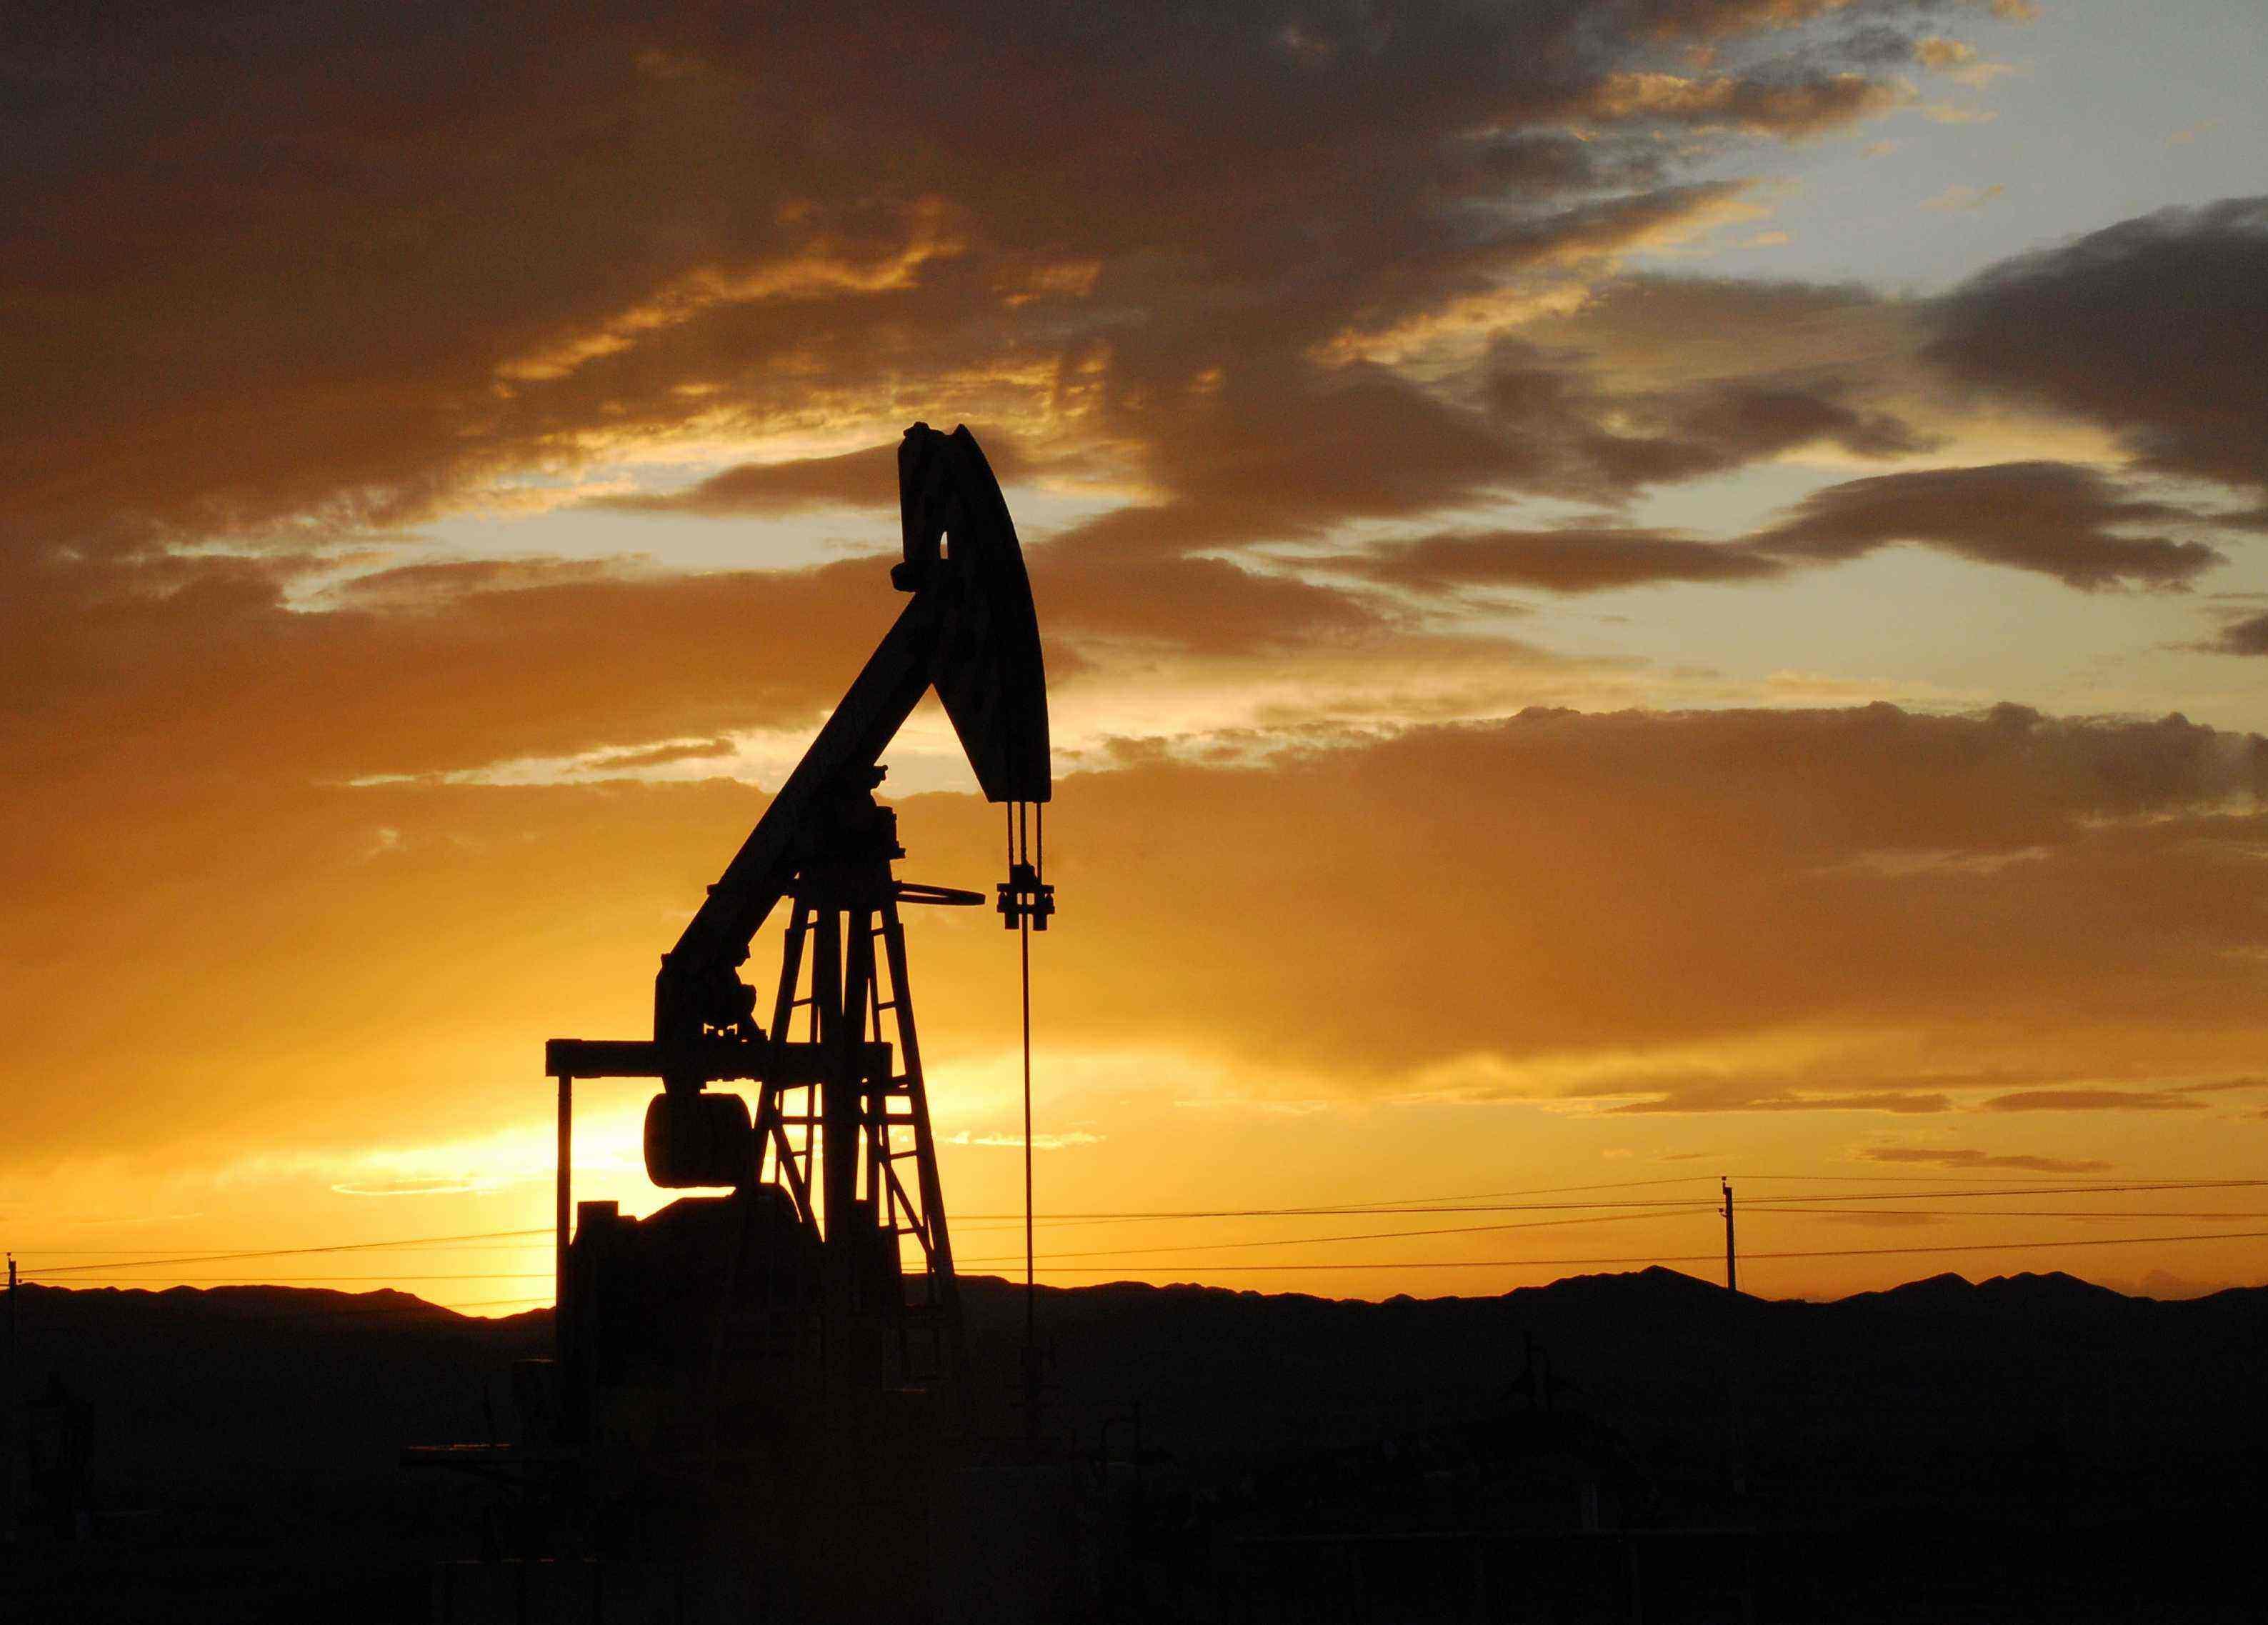 俄罗斯石油生产商经历发展黄金期